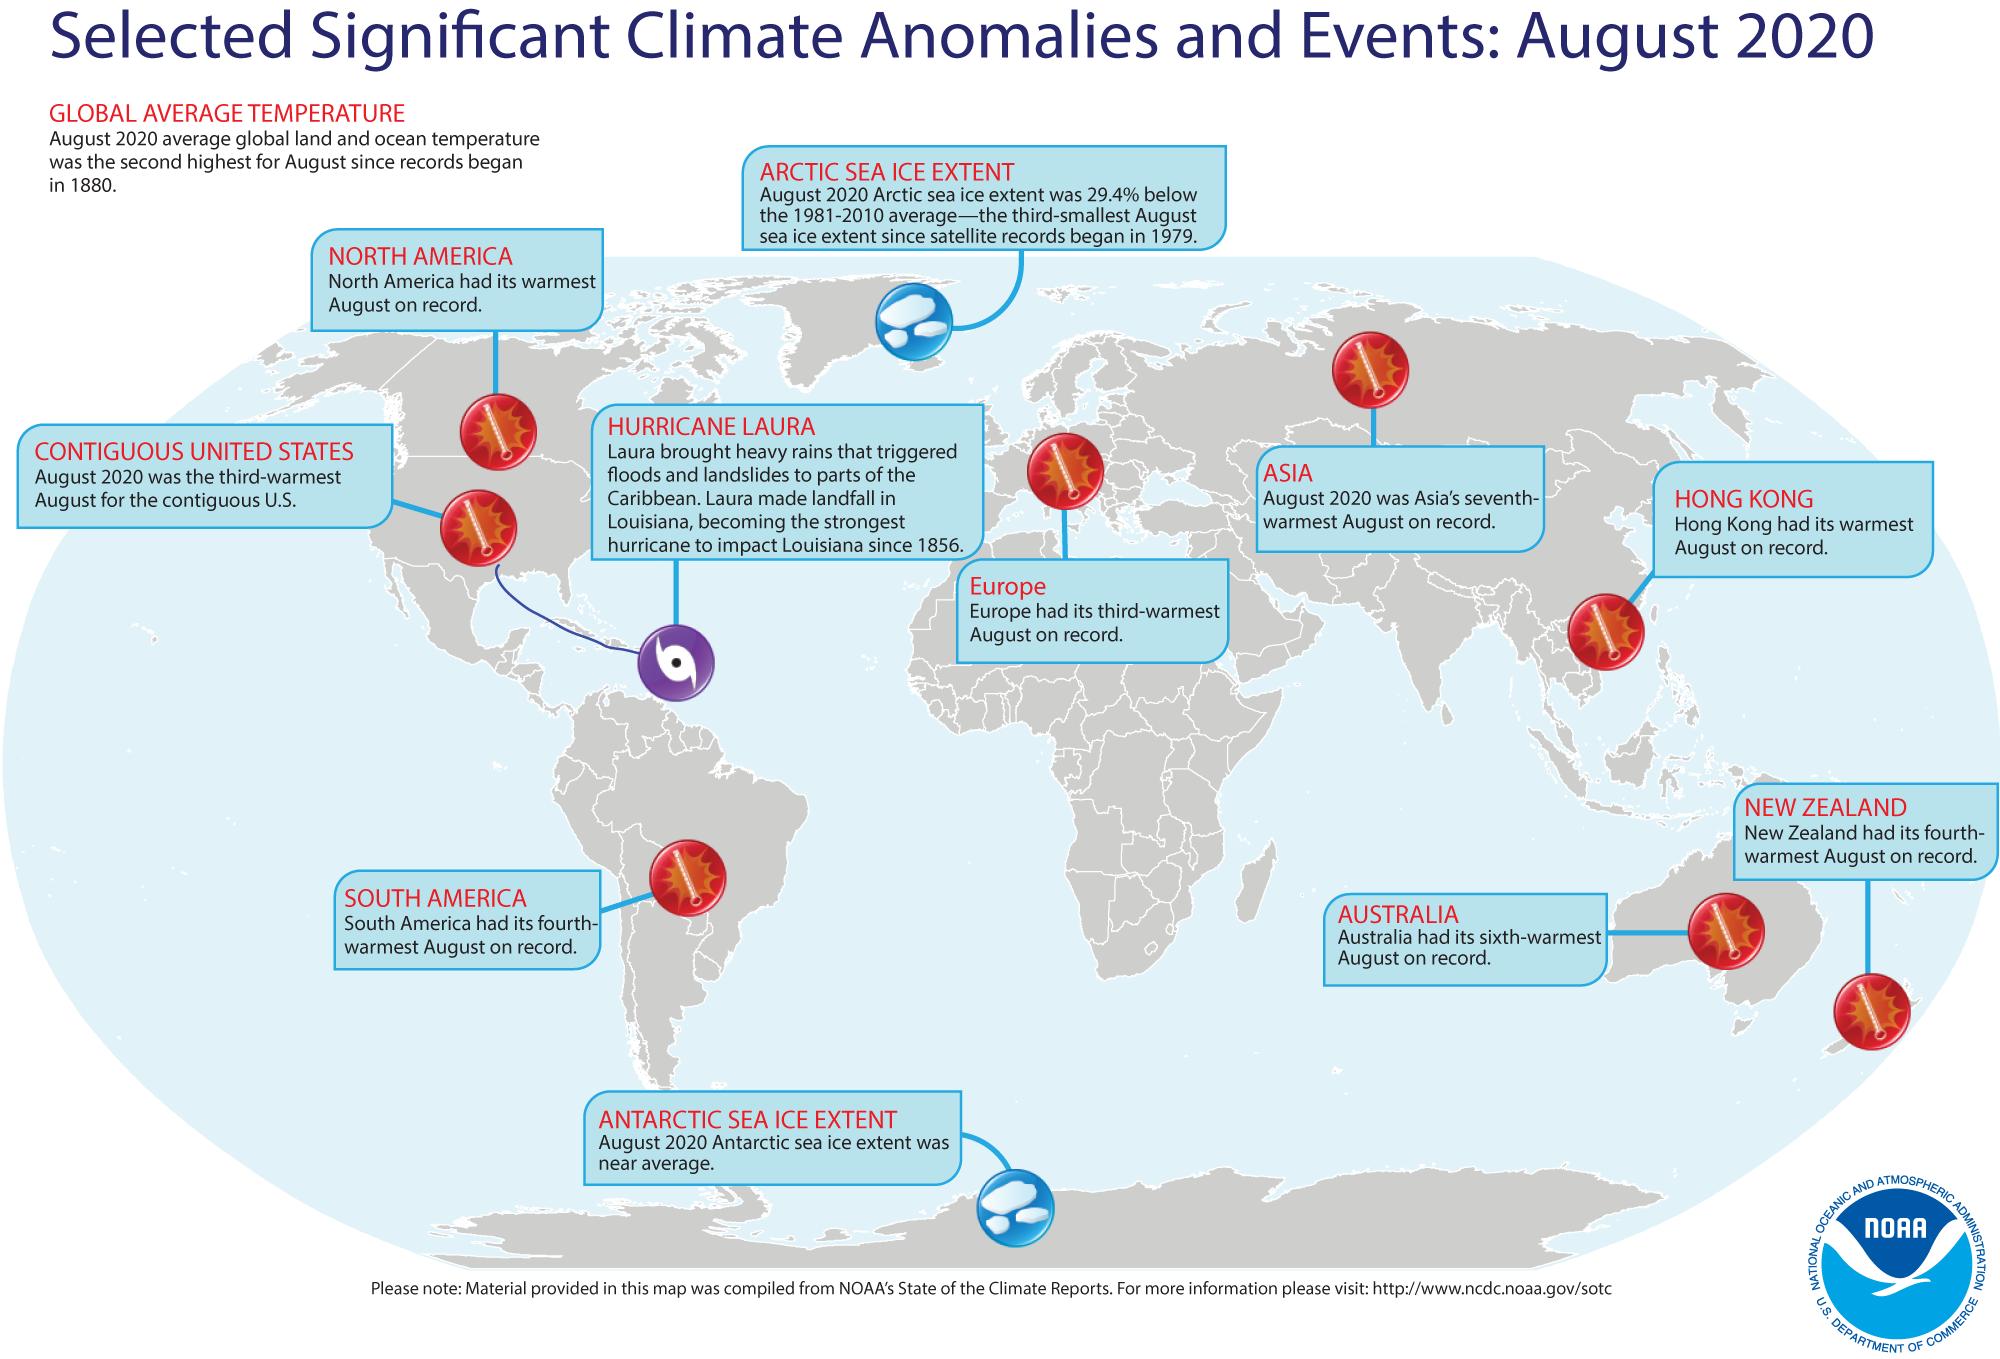 Besondere Klimaereignisse im August 2020 (Quelle: NOAA)